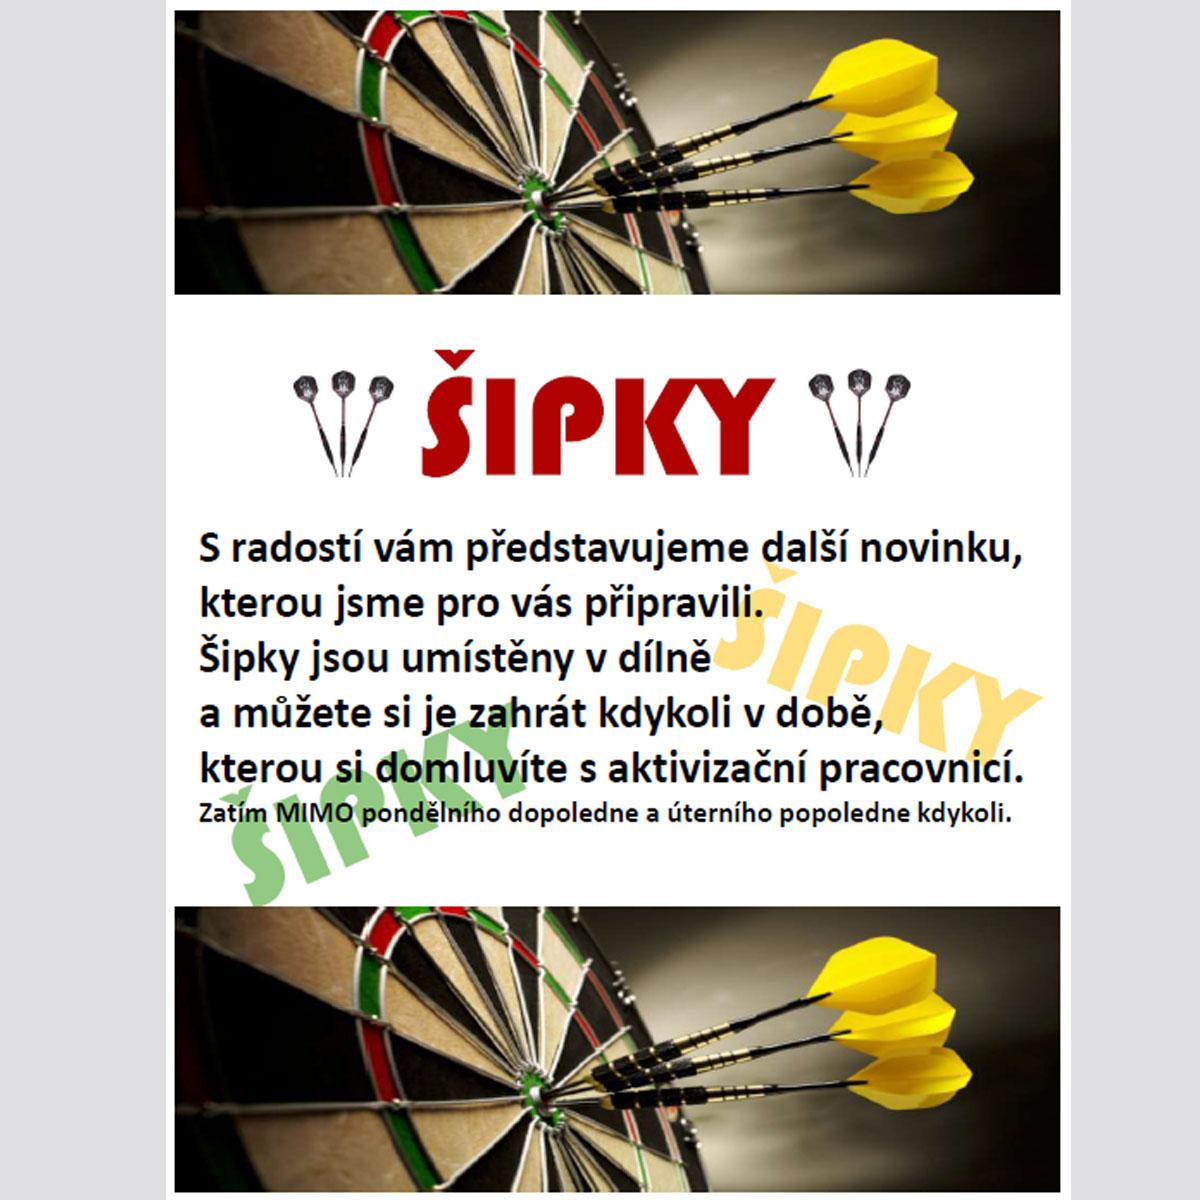 sipky